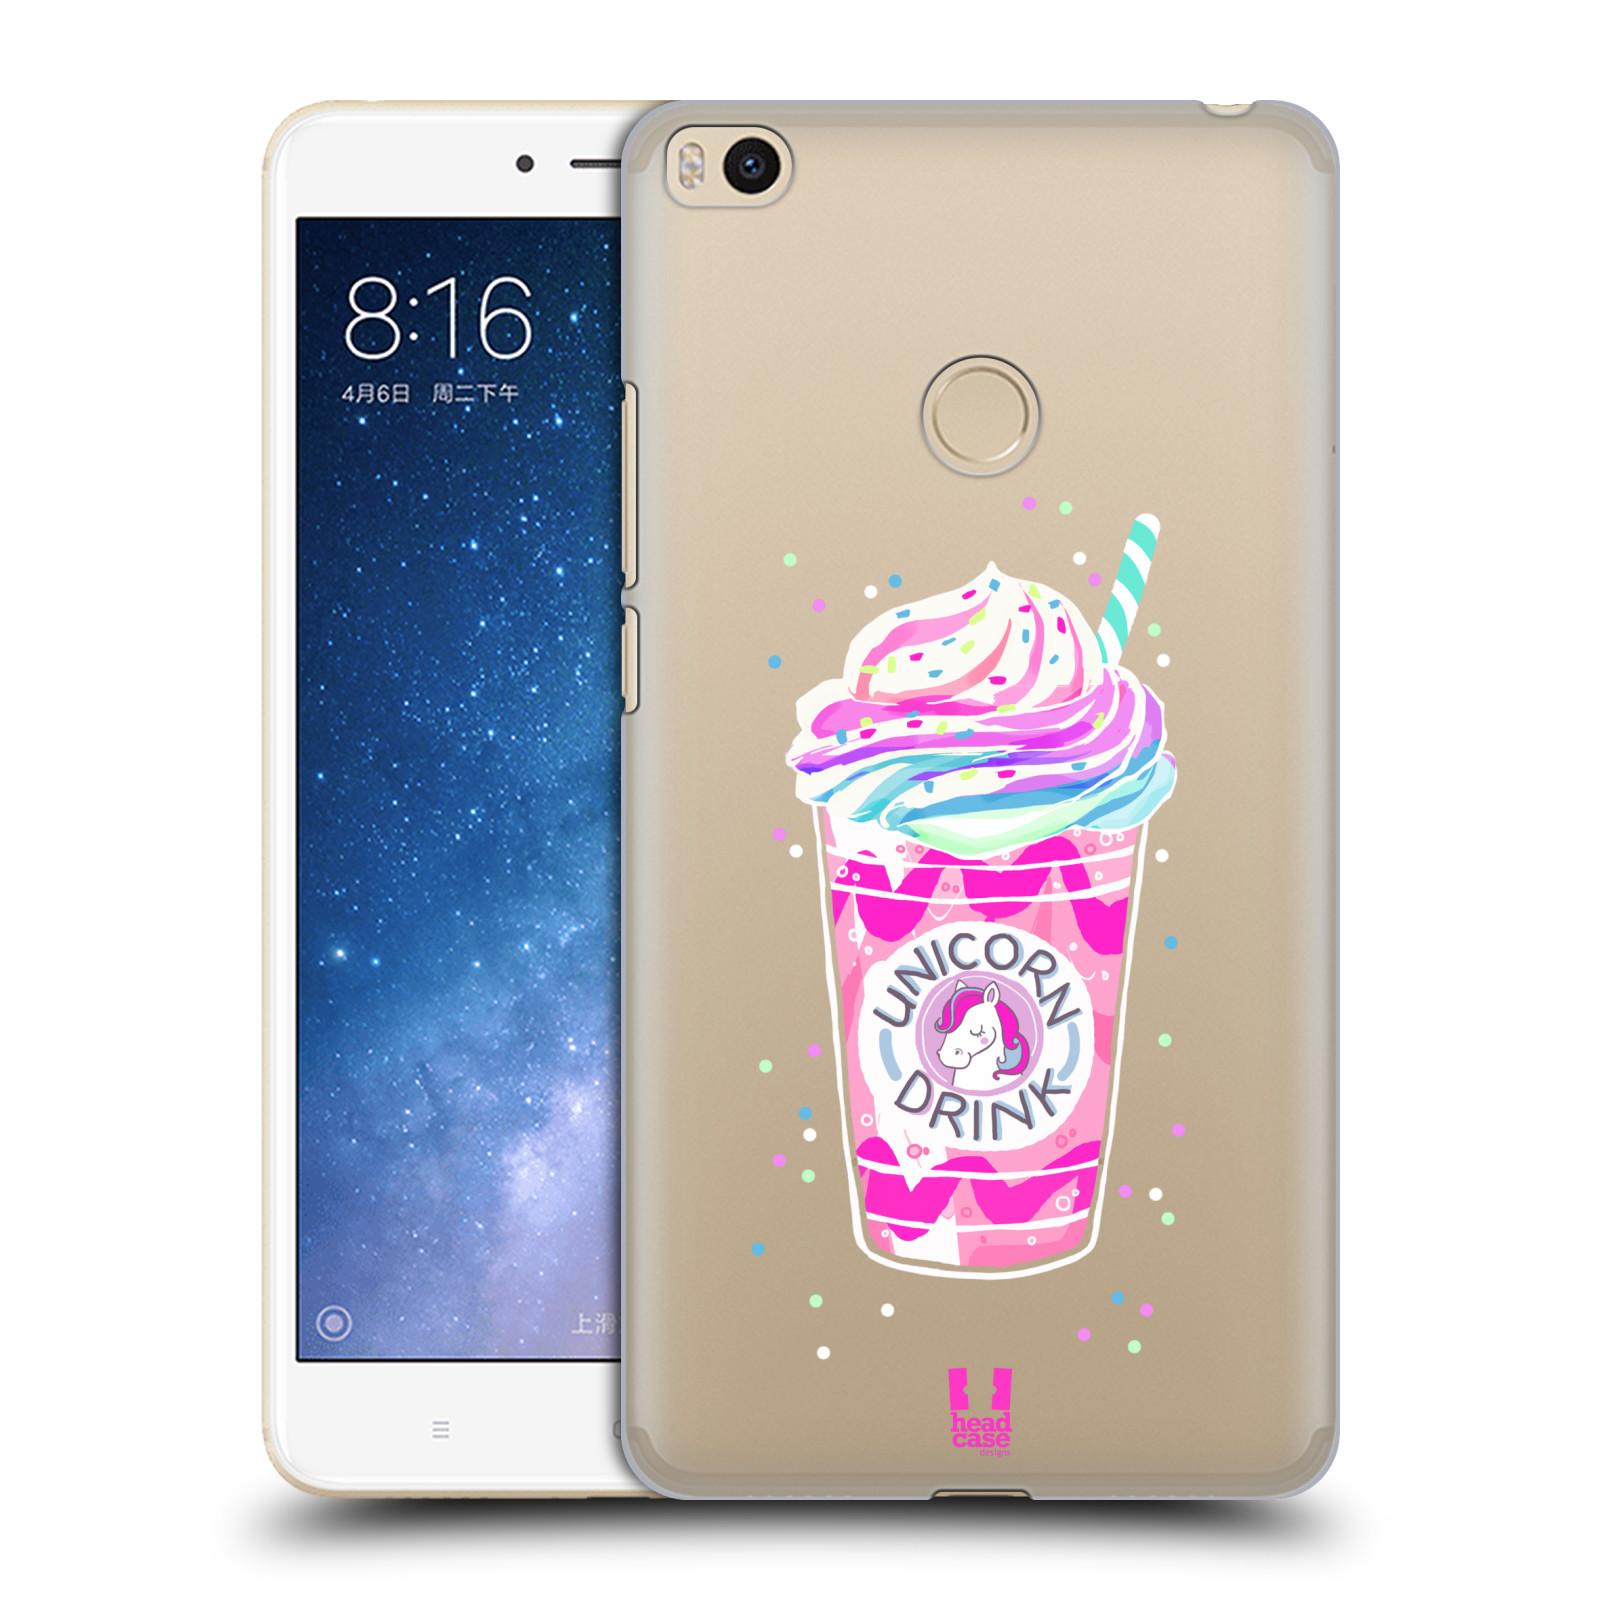 Plastové pouzdro na mobil Xiaomi Mi Max 2 - Head Case - Unicorn drink